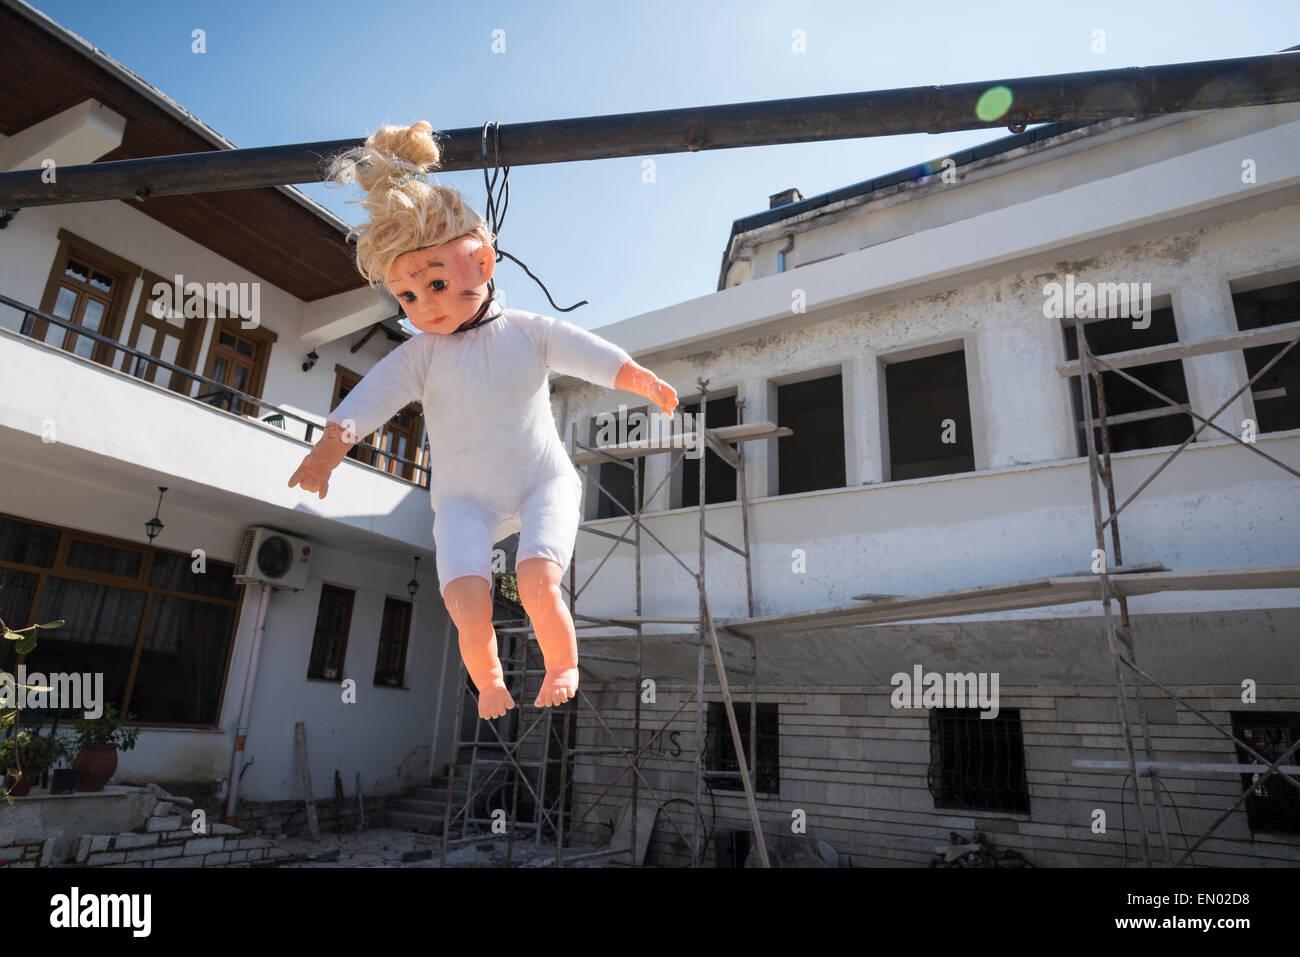 Un dordolec, in questo caso una bambola childs appeso al di fuori di un nuovo edificio per scongiurare il malocchio. Immagini Stock